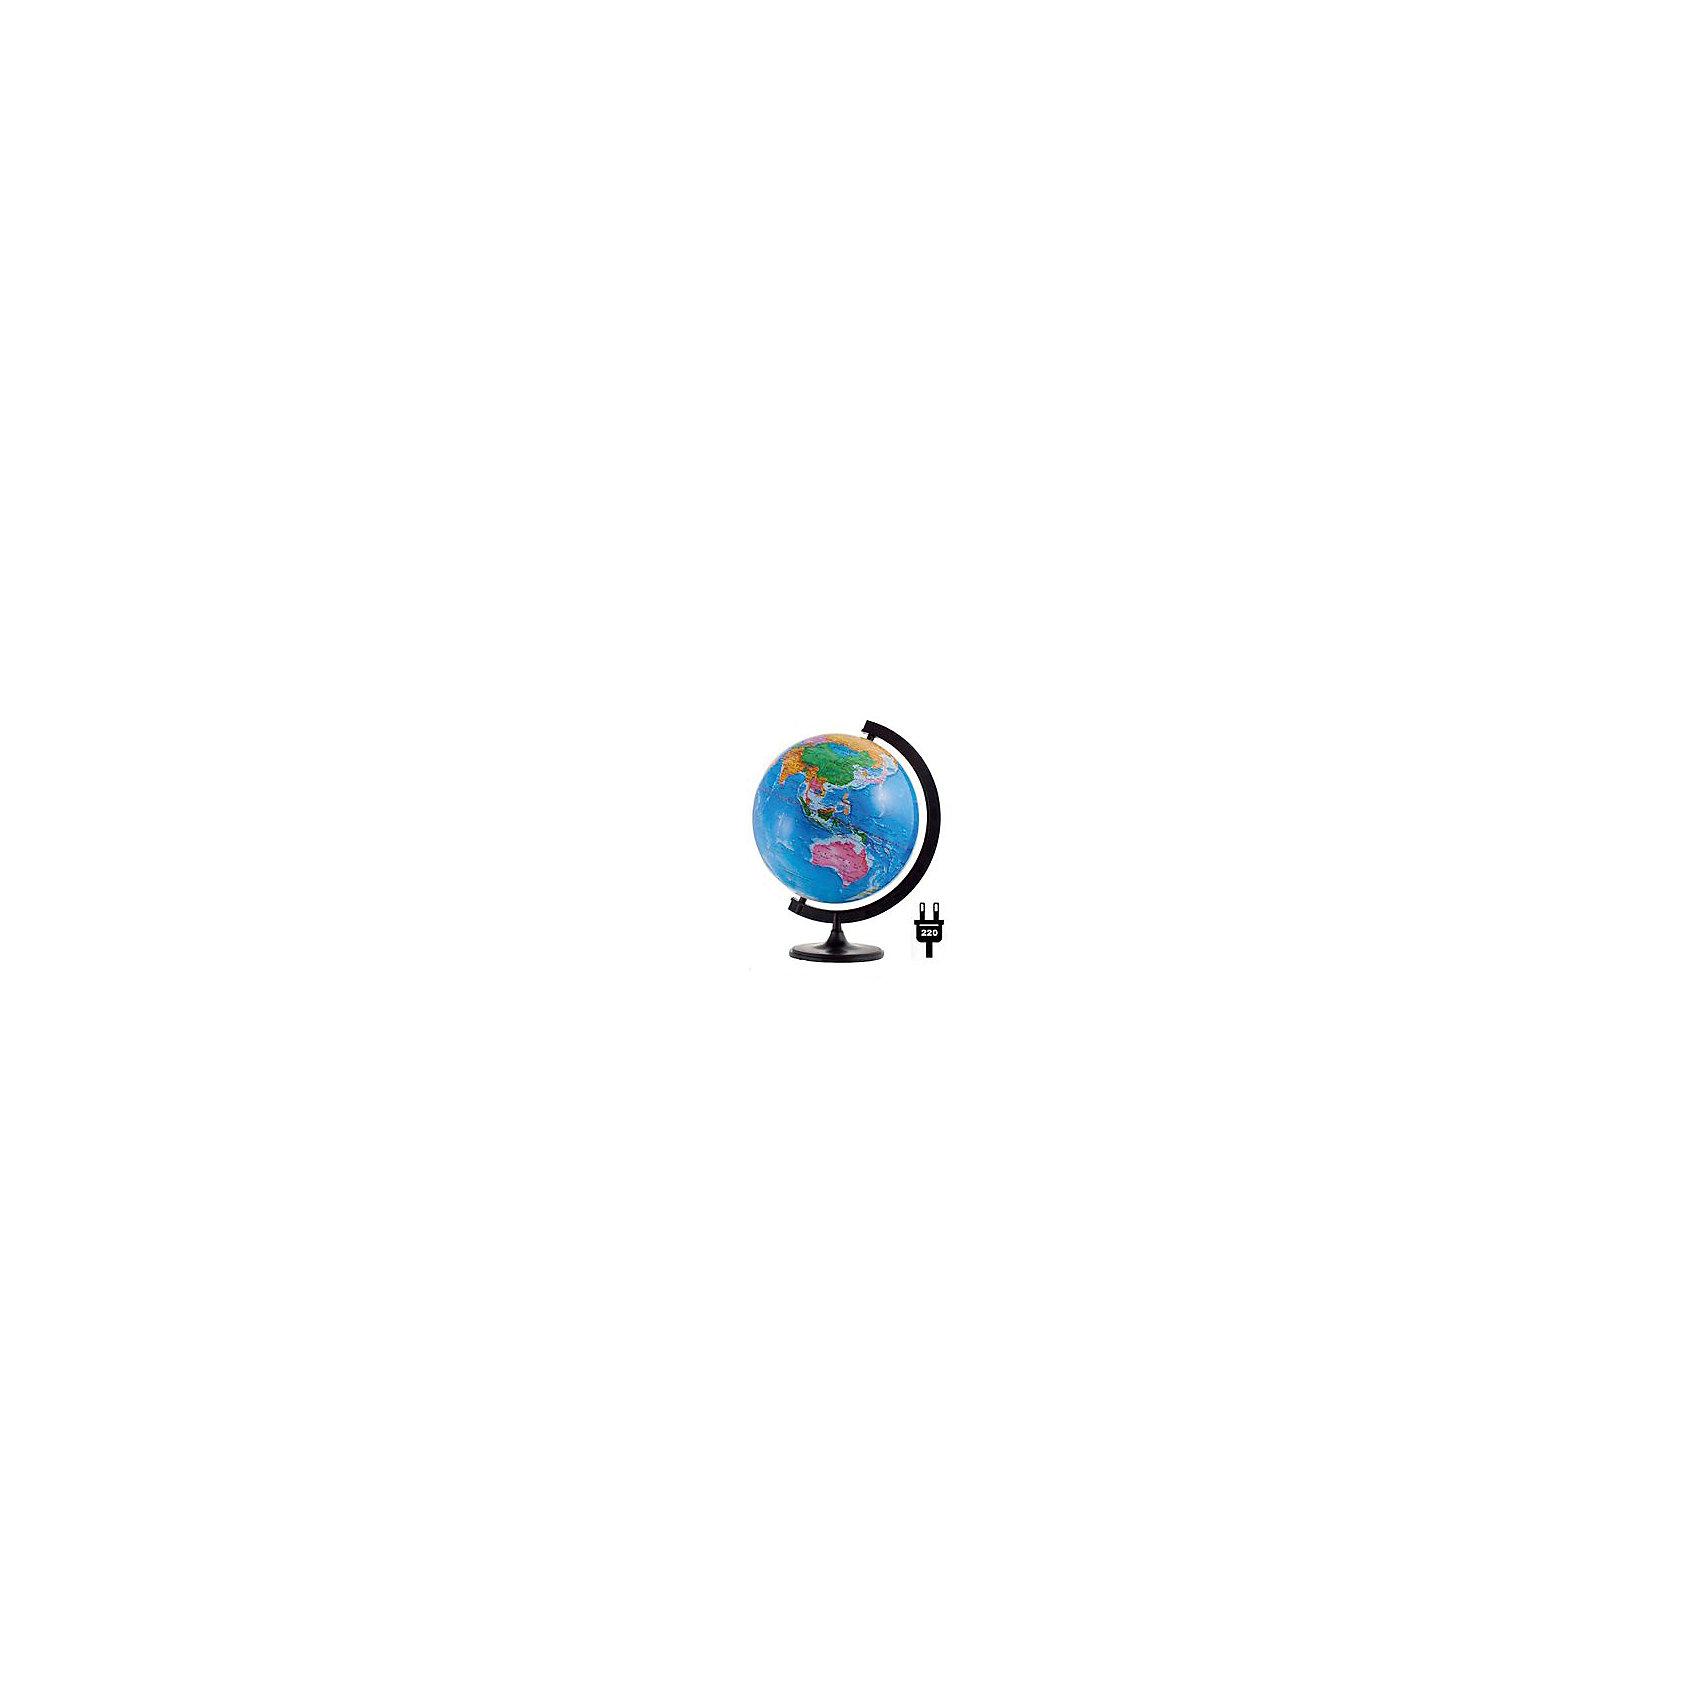 Глобус Земли политический с подсветкой, диаметр 320 ммГлобусы<br>Характеристики товара:<br><br>• возраст от 6 лет;<br>• материал: пластик;<br>• работает от сети<br>• цвет подставки: чёрный<br>• диаметр глобуса 320 мм;<br>• масштаб 1:40000000;<br>• размер упаковки 34,3х34,3х35,5 см;<br>• вес упаковки 1,035 кг;<br>• страна производитель: Россия.<br><br>Глобус Земли политический с подсветкой, 320 мм Глобусный мир — уменьшенная копия нашей планеты. Глобус станет отличным дополнением для школьника или студента. Он представляет собой политическую карту мира со странами, их границами, столицами и городами. Глобус оснащен подсветкой, которая работает от сети.<br><br>Глобус Земли политический с подсветкой, 320 мм Глобусный мир можно приобрести в нашем интернет-магазине.<br><br>Ширина мм: 343<br>Глубина мм: 343<br>Высота мм: 355<br>Вес г: 1035<br>Возраст от месяцев: 72<br>Возраст до месяцев: 2147483647<br>Пол: Унисекс<br>Возраст: Детский<br>SKU: 5518212